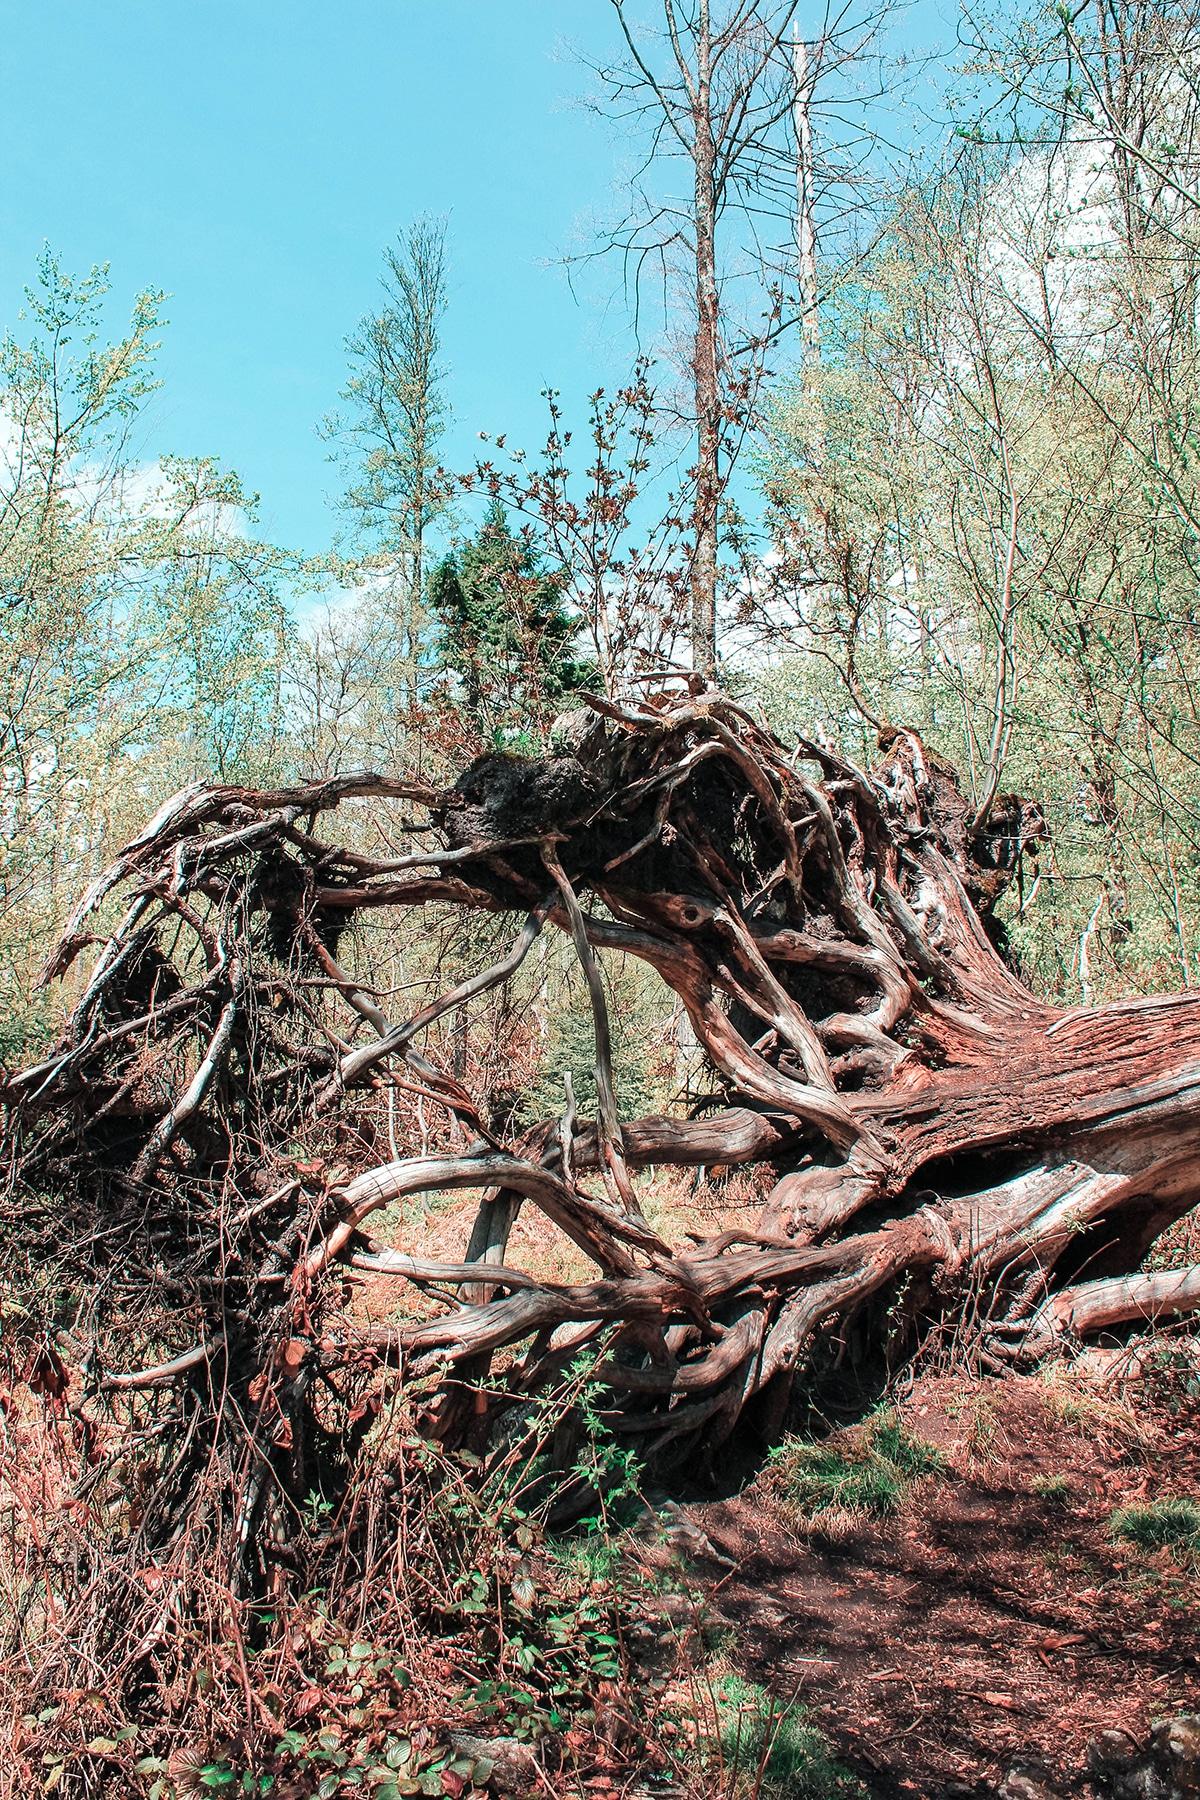 nationalpark-bayerischer-wald-baumwurzeln